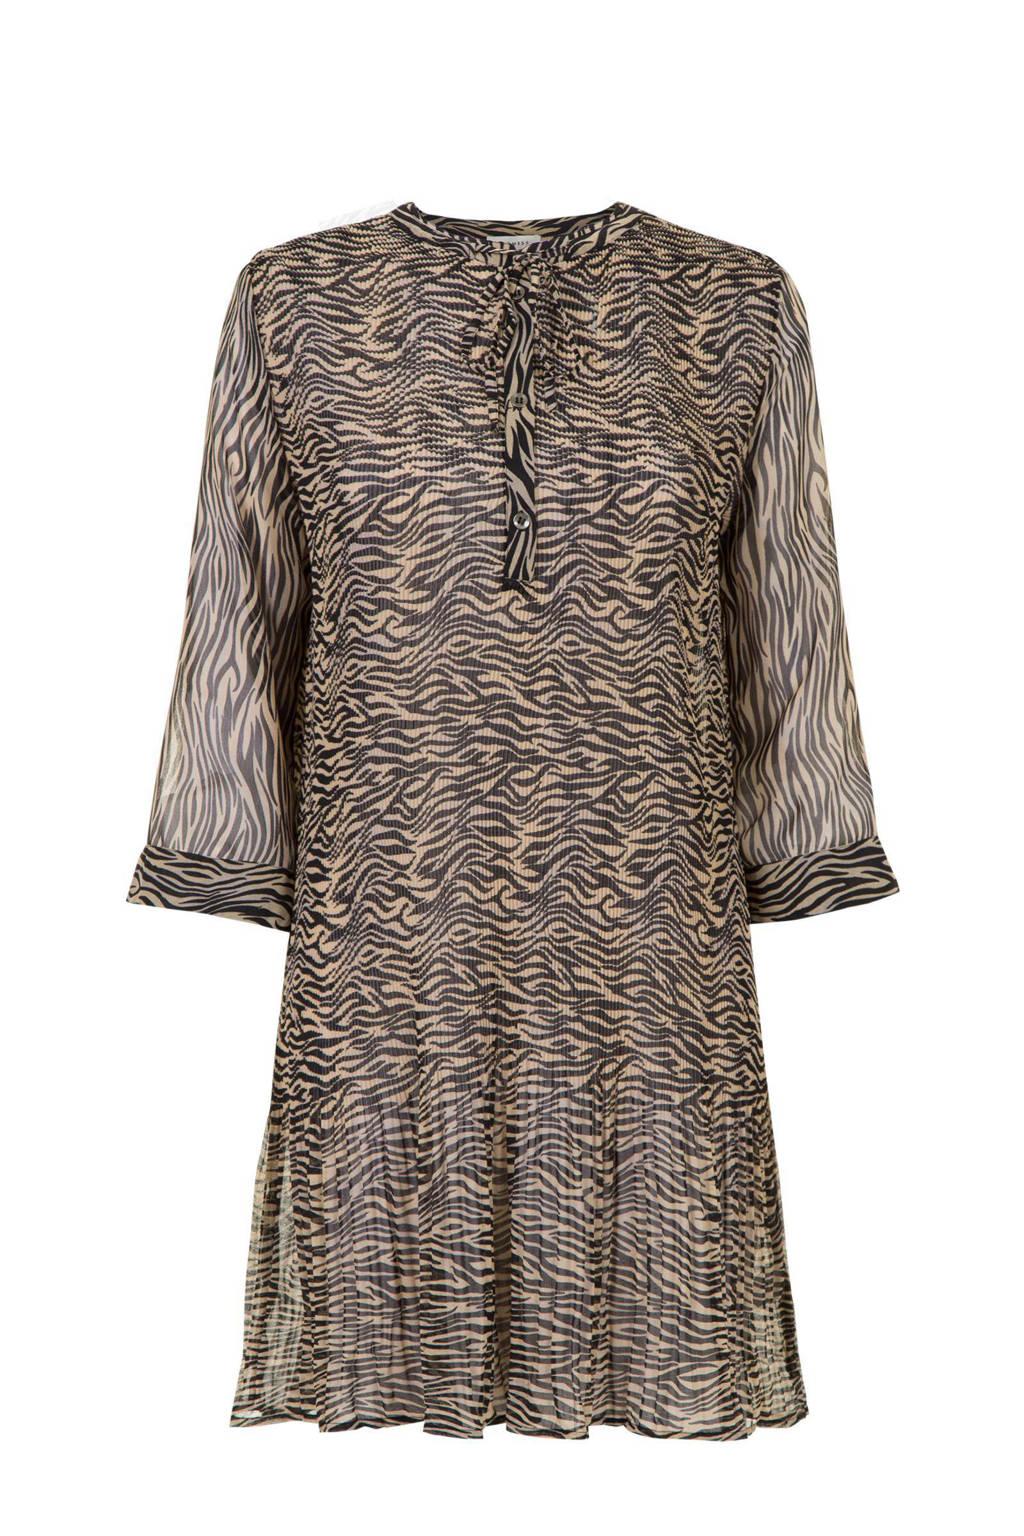 PROMISS jurk met all over print beige/bruin, Beige/bruin